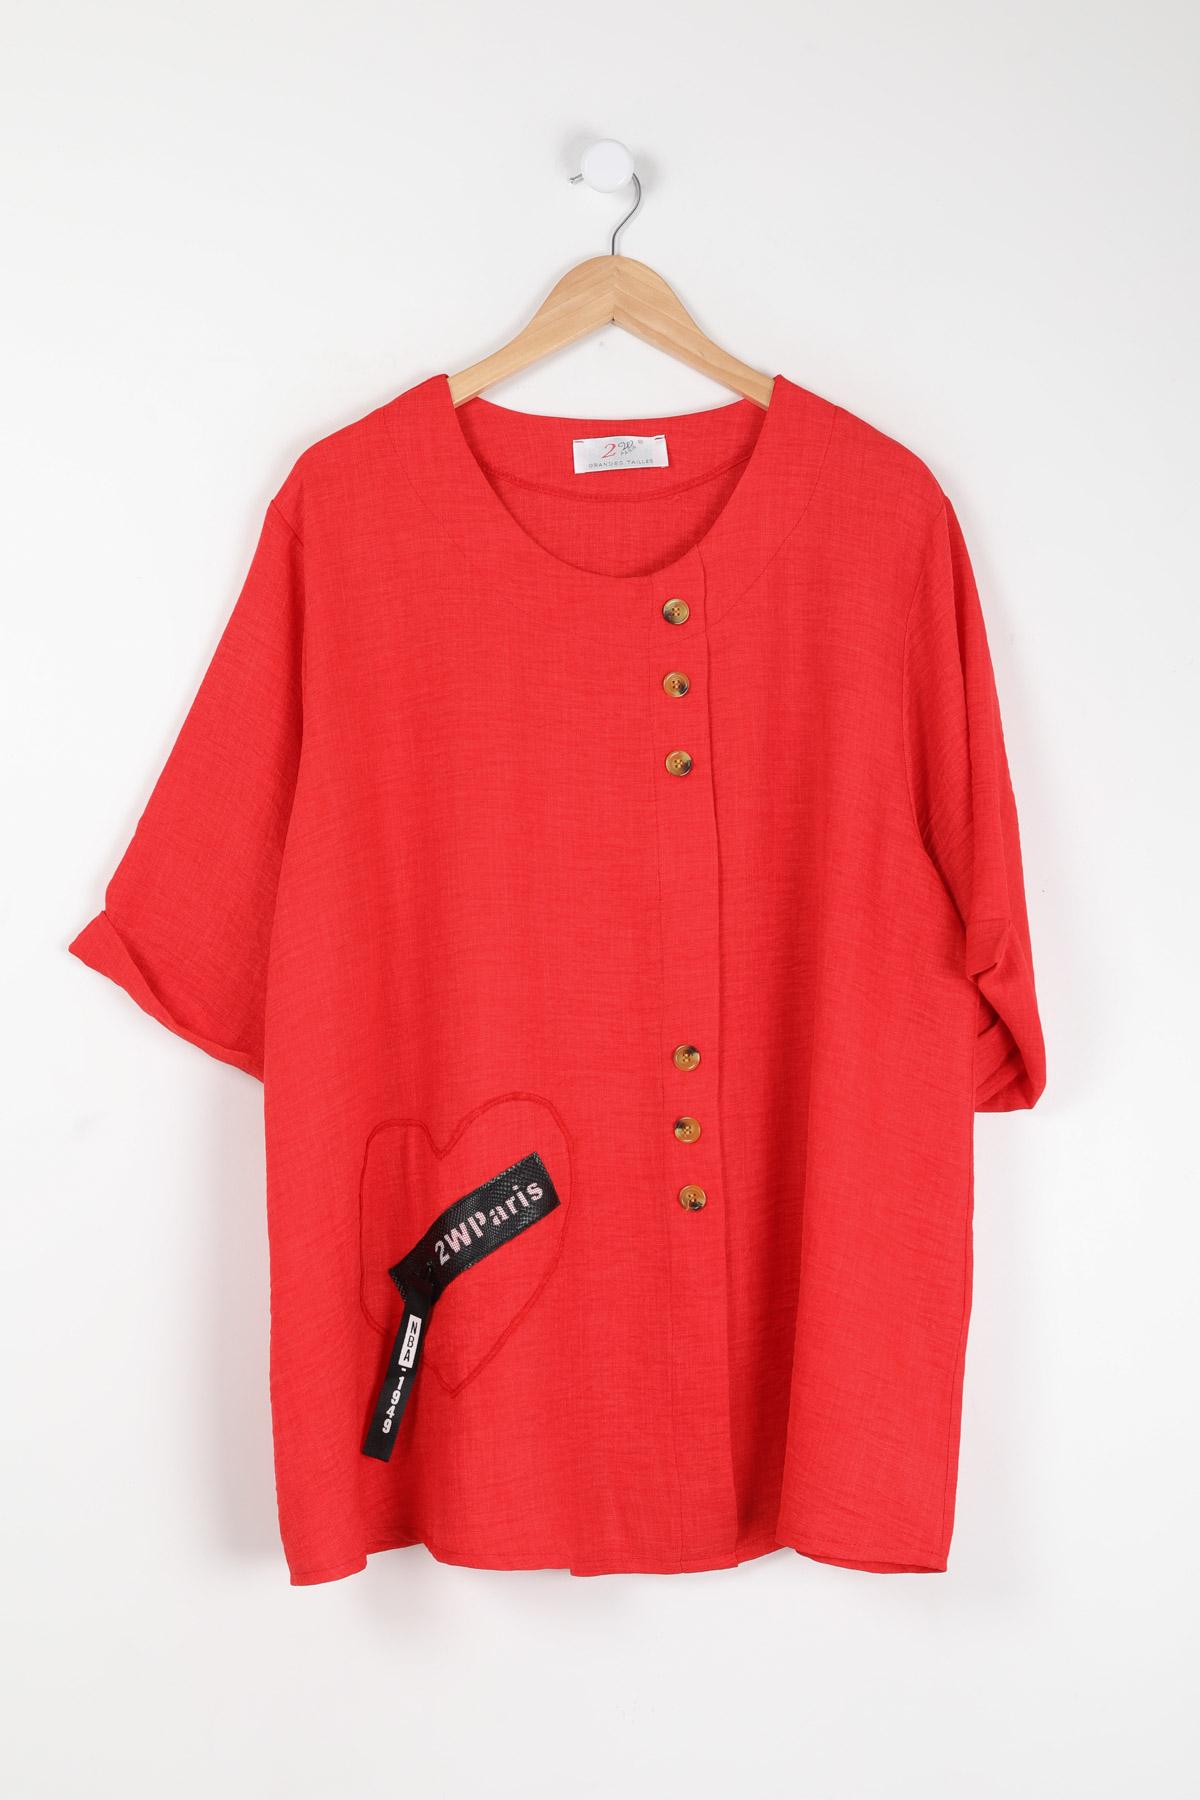 haut viscose grande taille femme 2W PARIS h3443 rouge 46-60